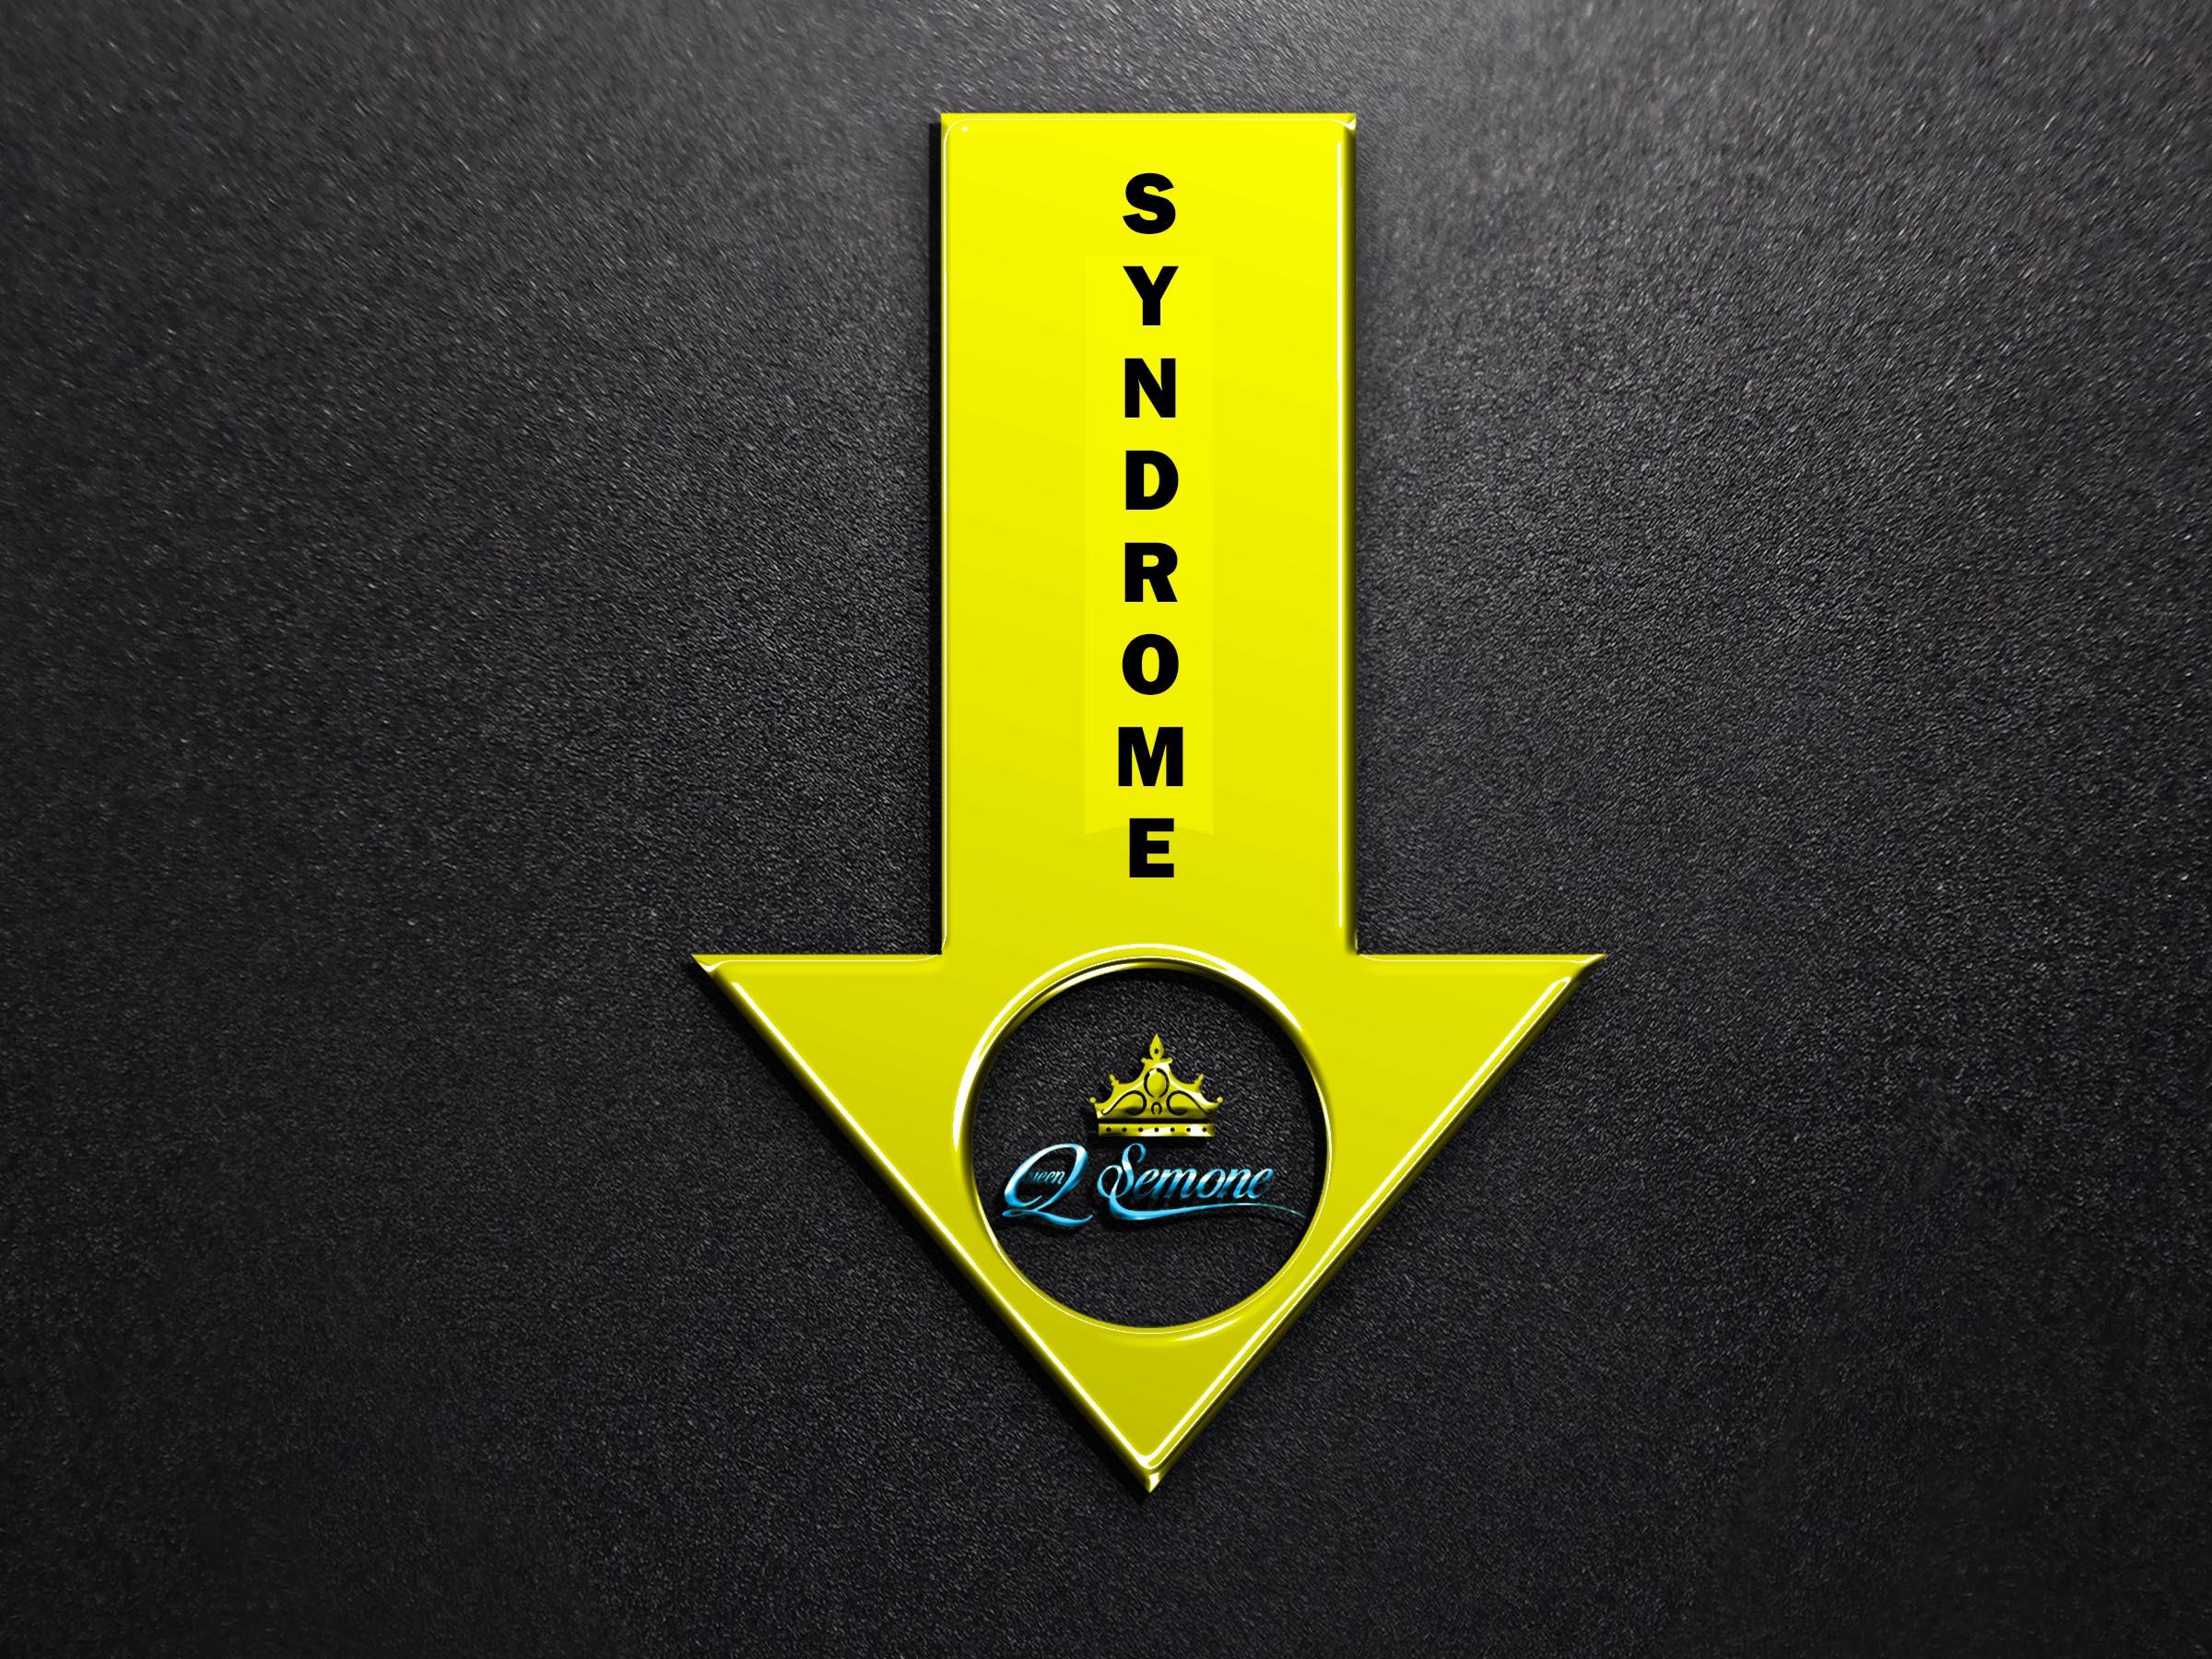 Queen Semone, LLC